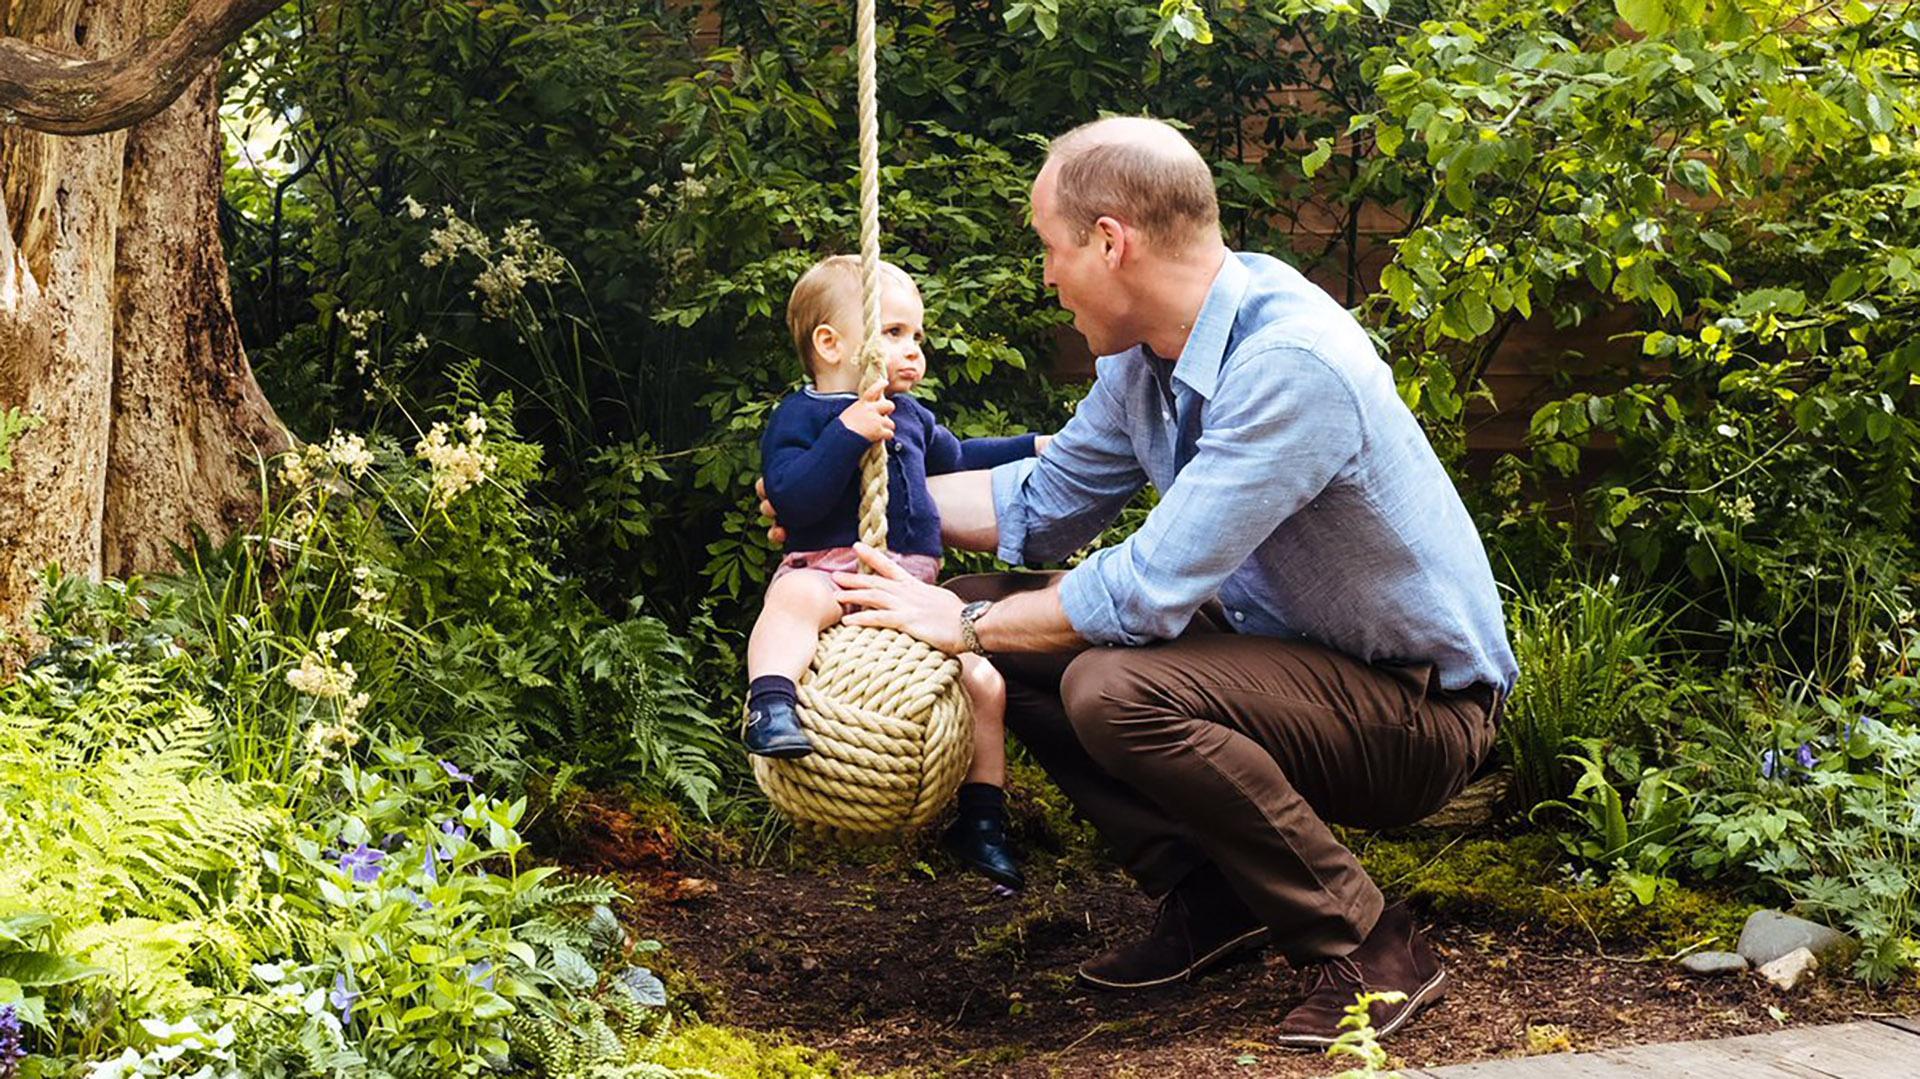 Otras de las imágenes del príncipe William compartiendo un día al aire libre con su hijo Louis